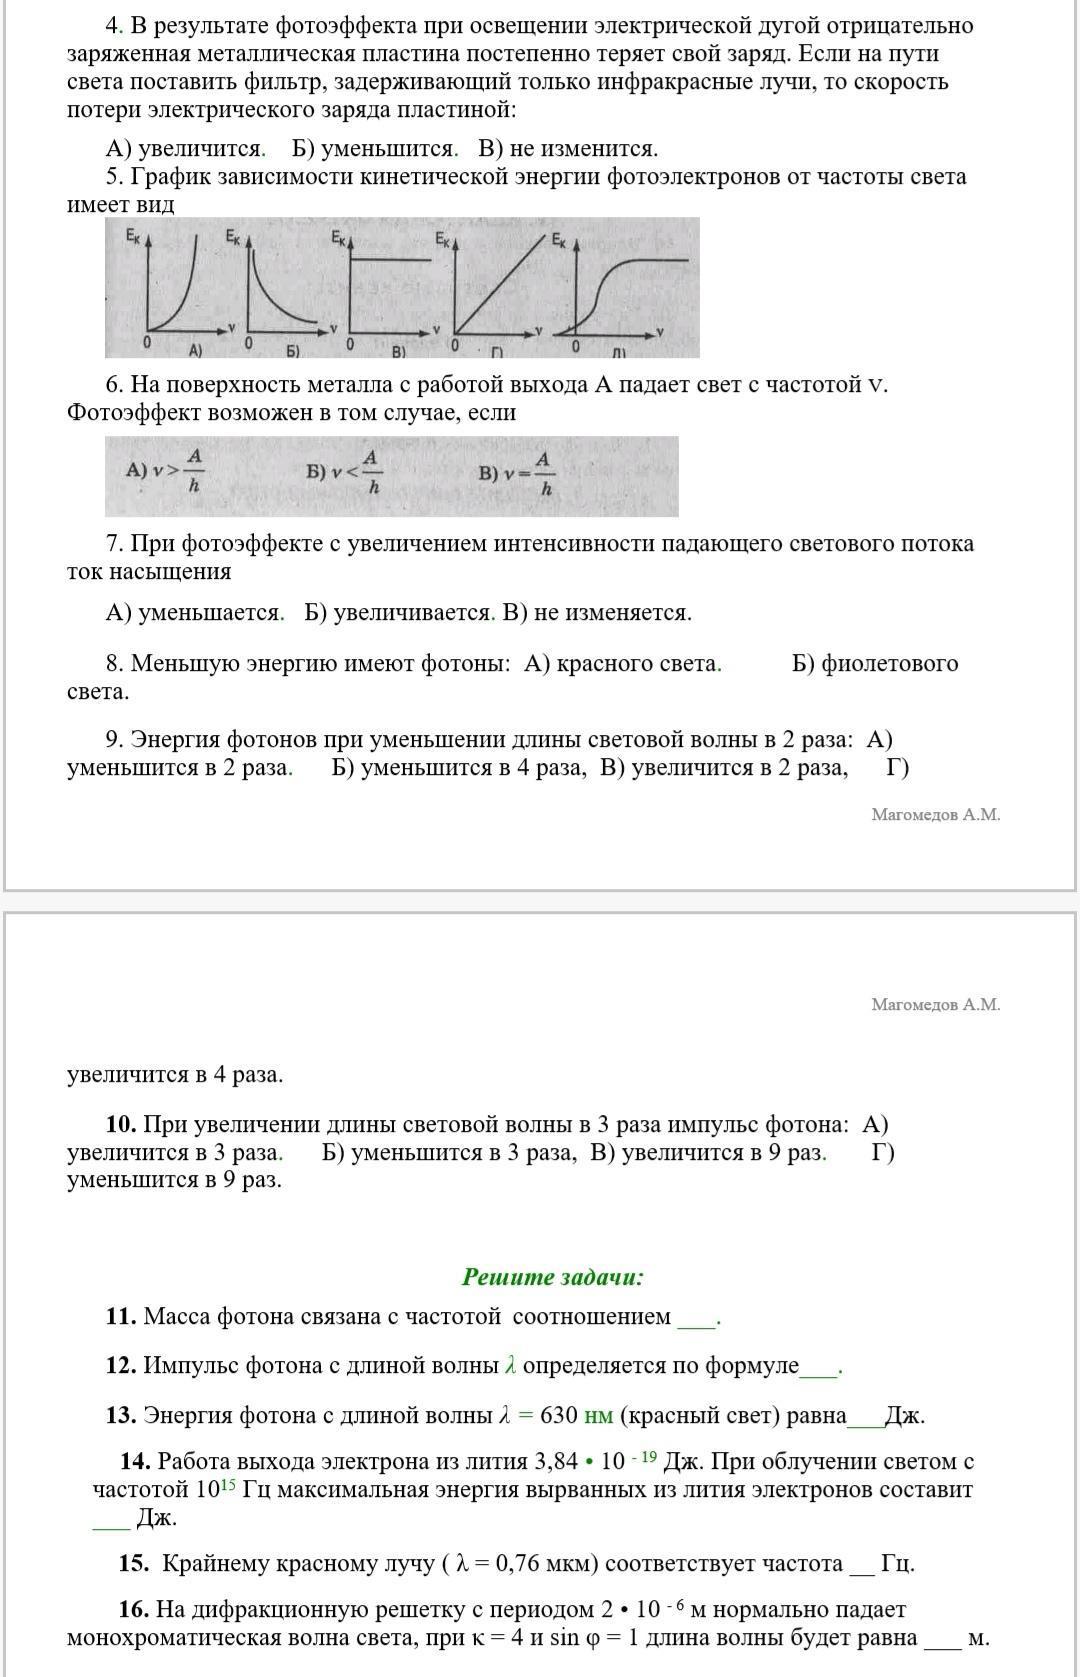 Помогите, пожалуйста, решить тесты по физике,